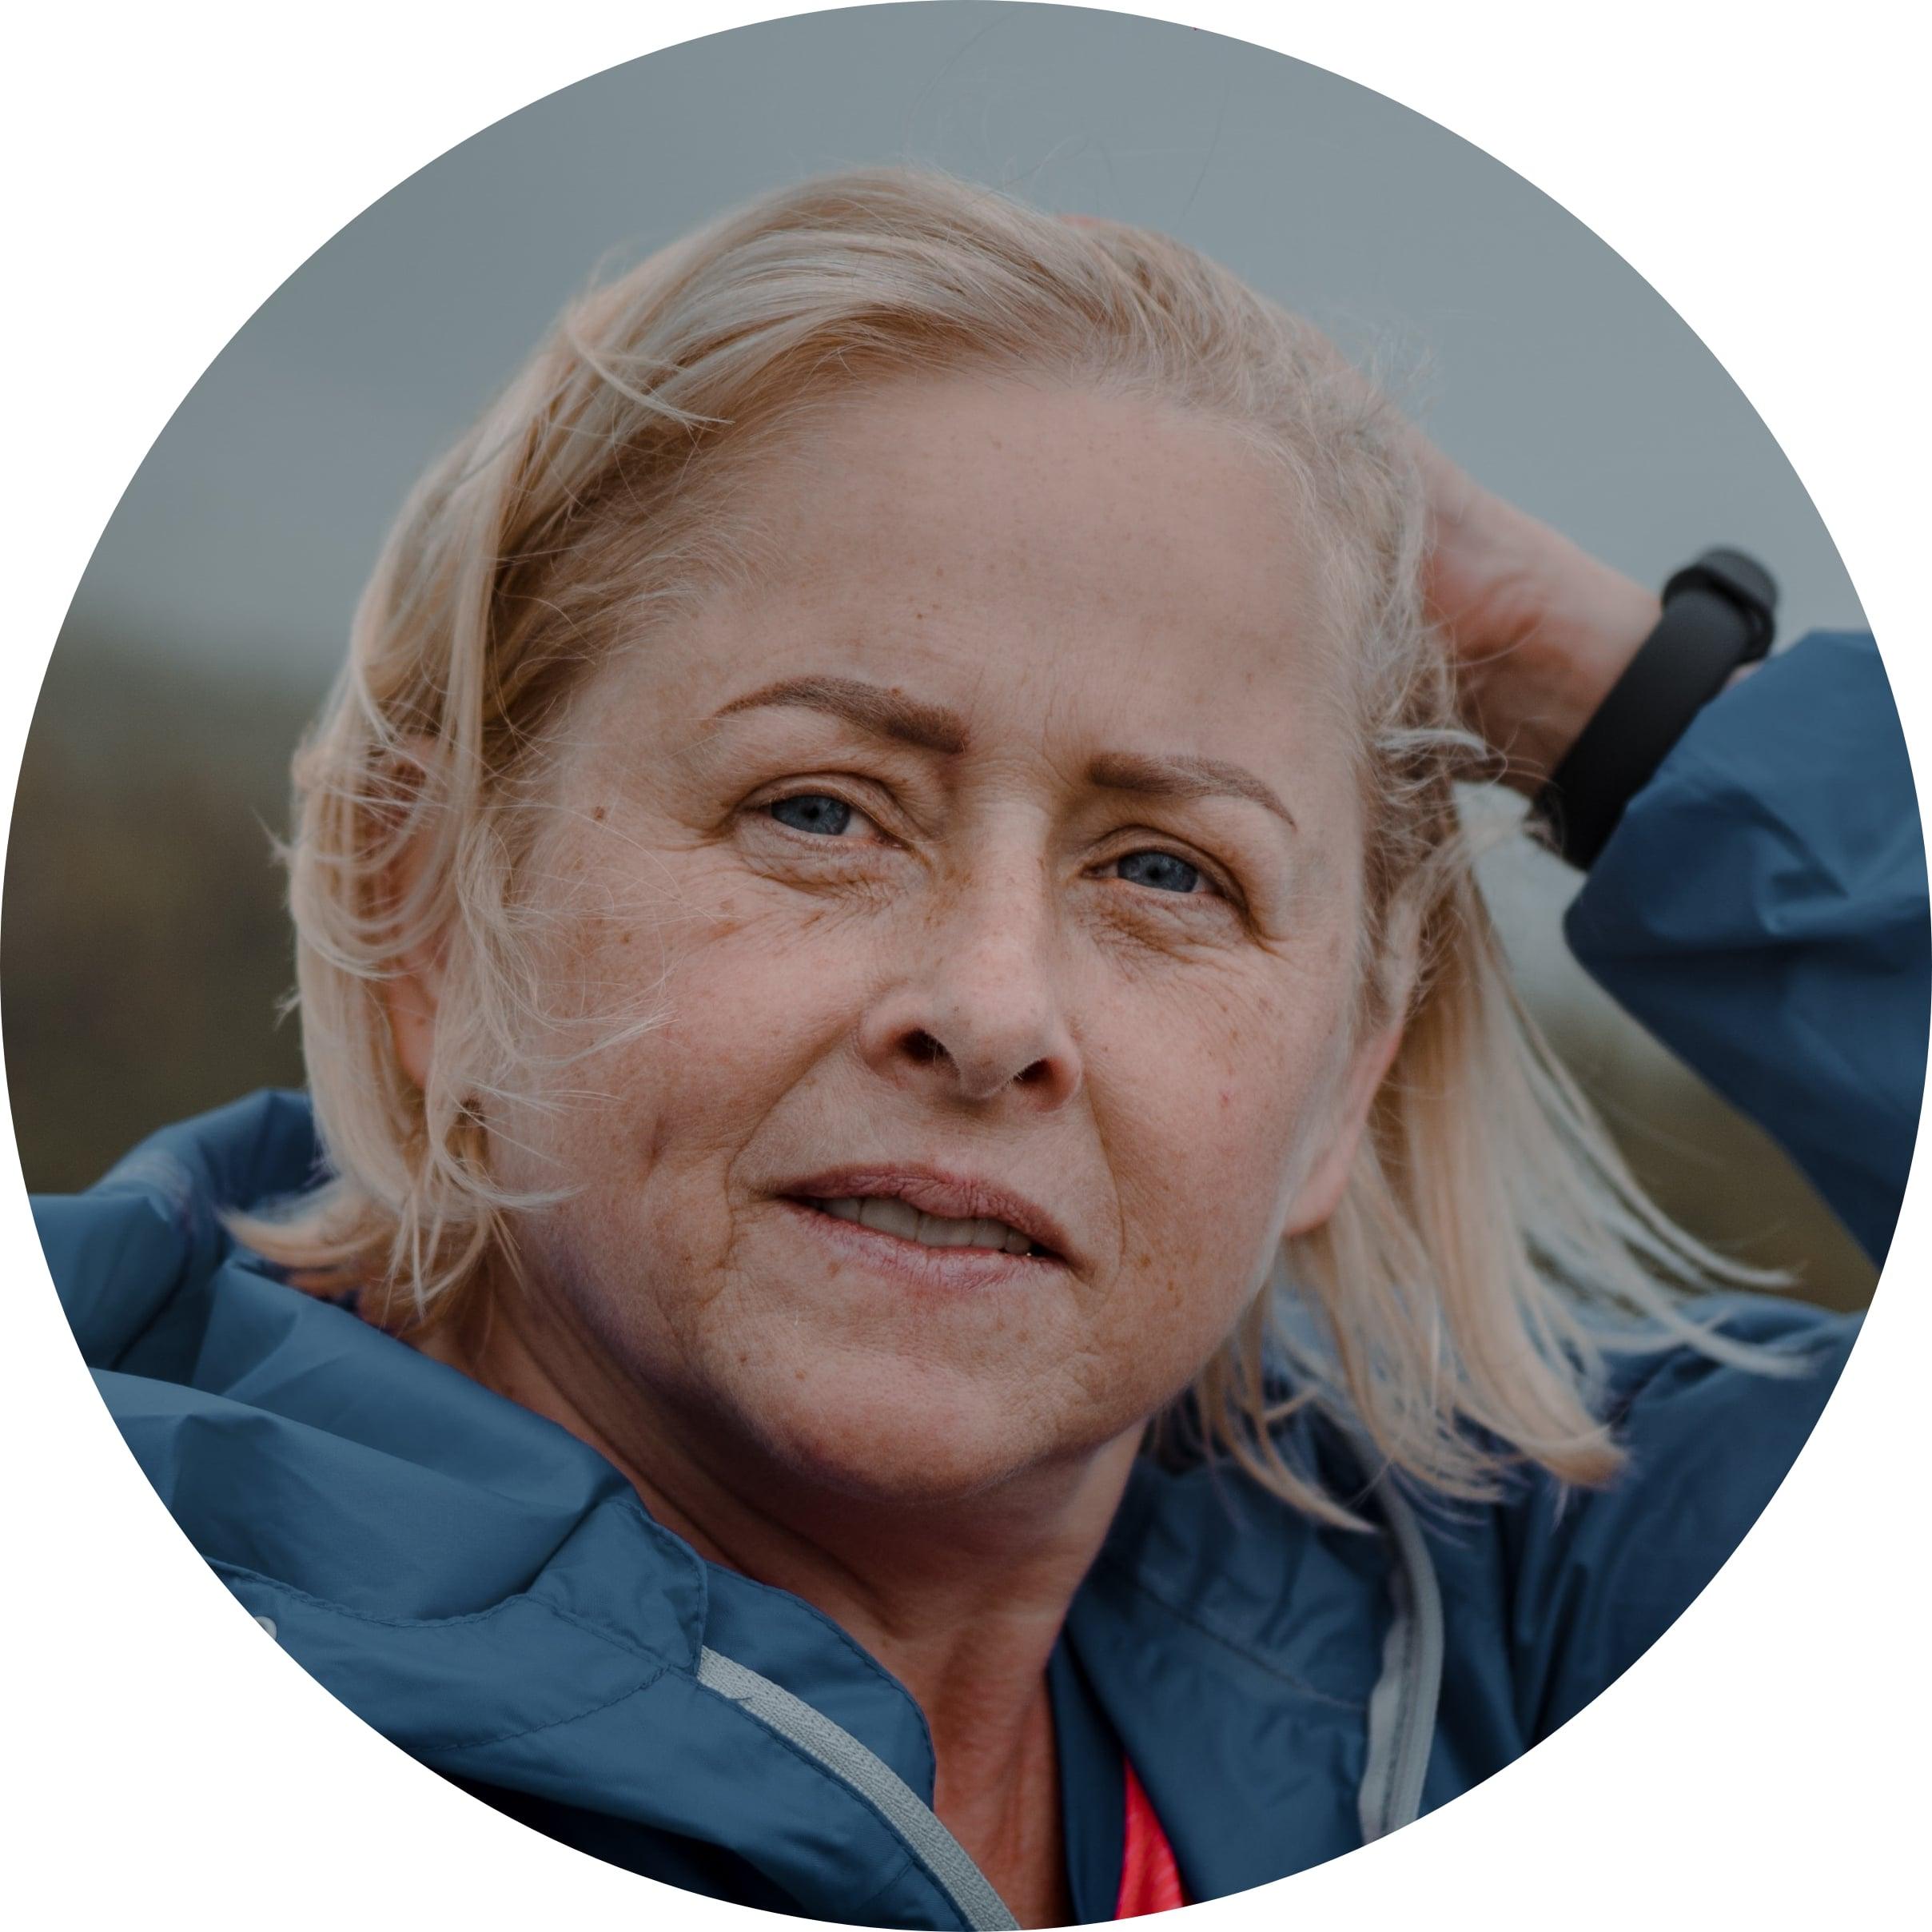 Mareike W., 64 years